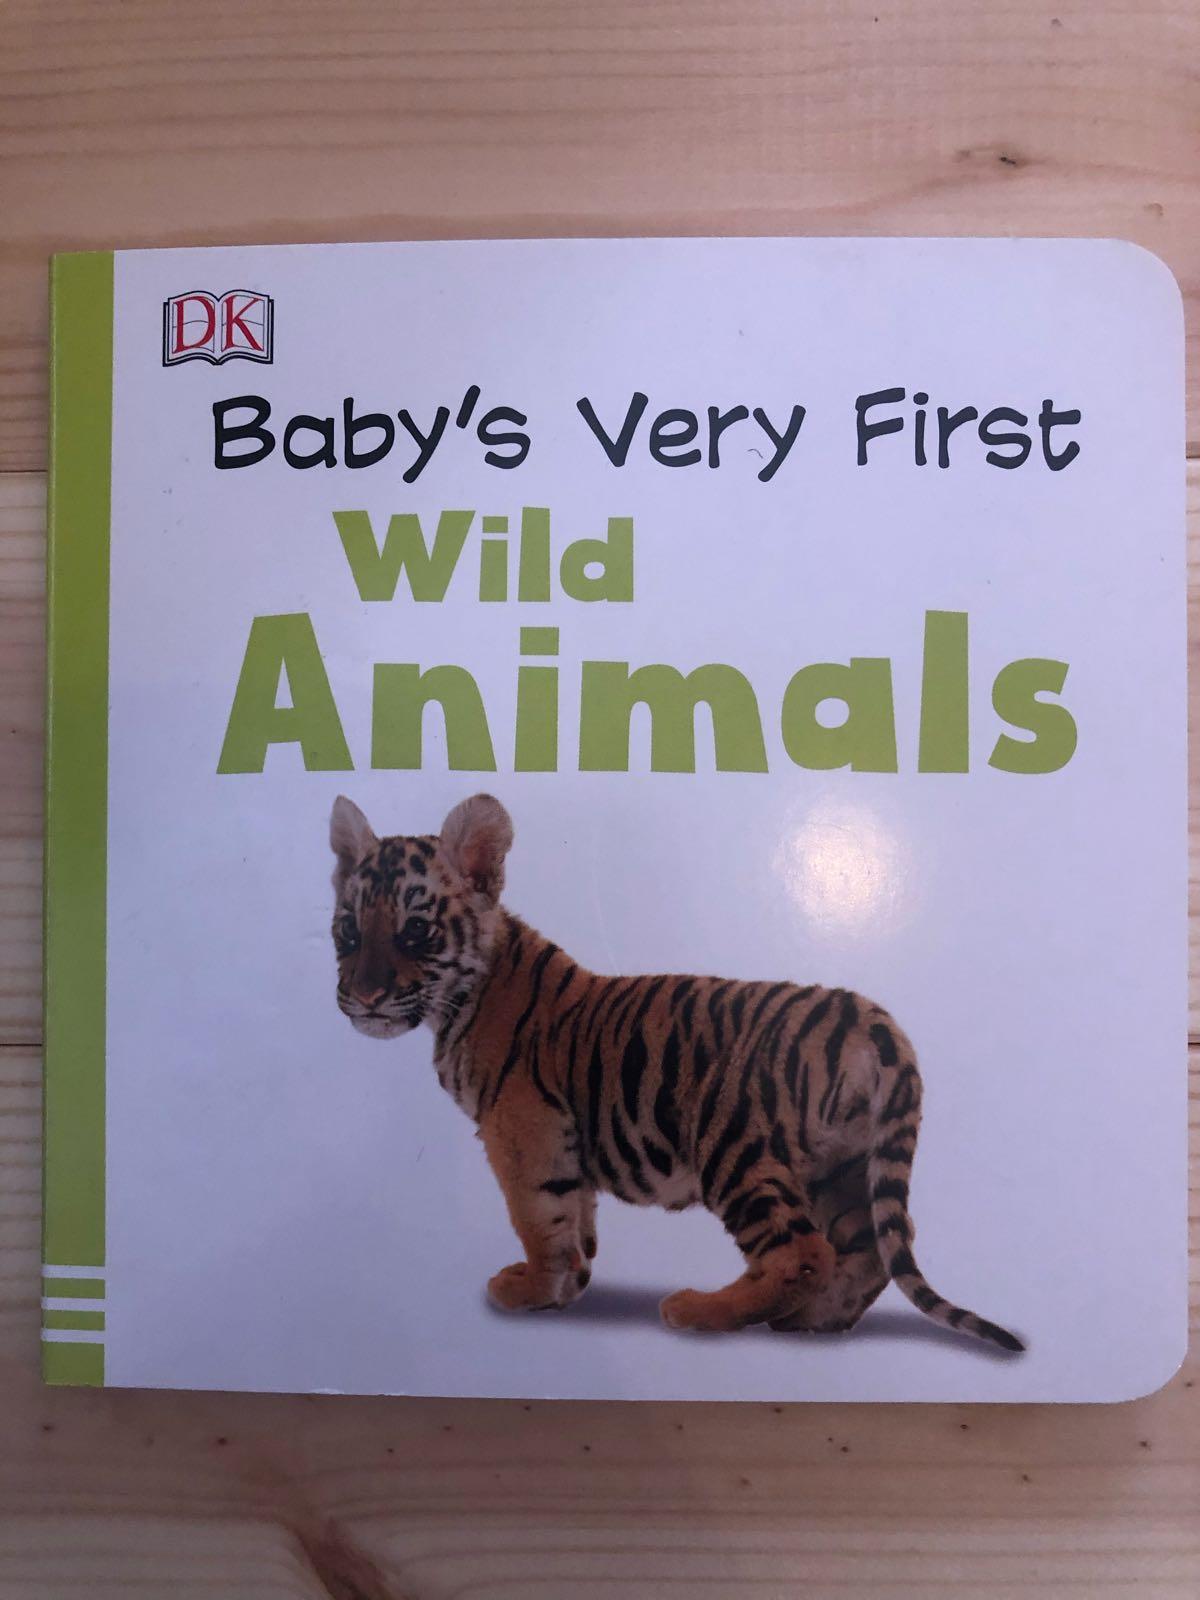 Baby's very first wild animals